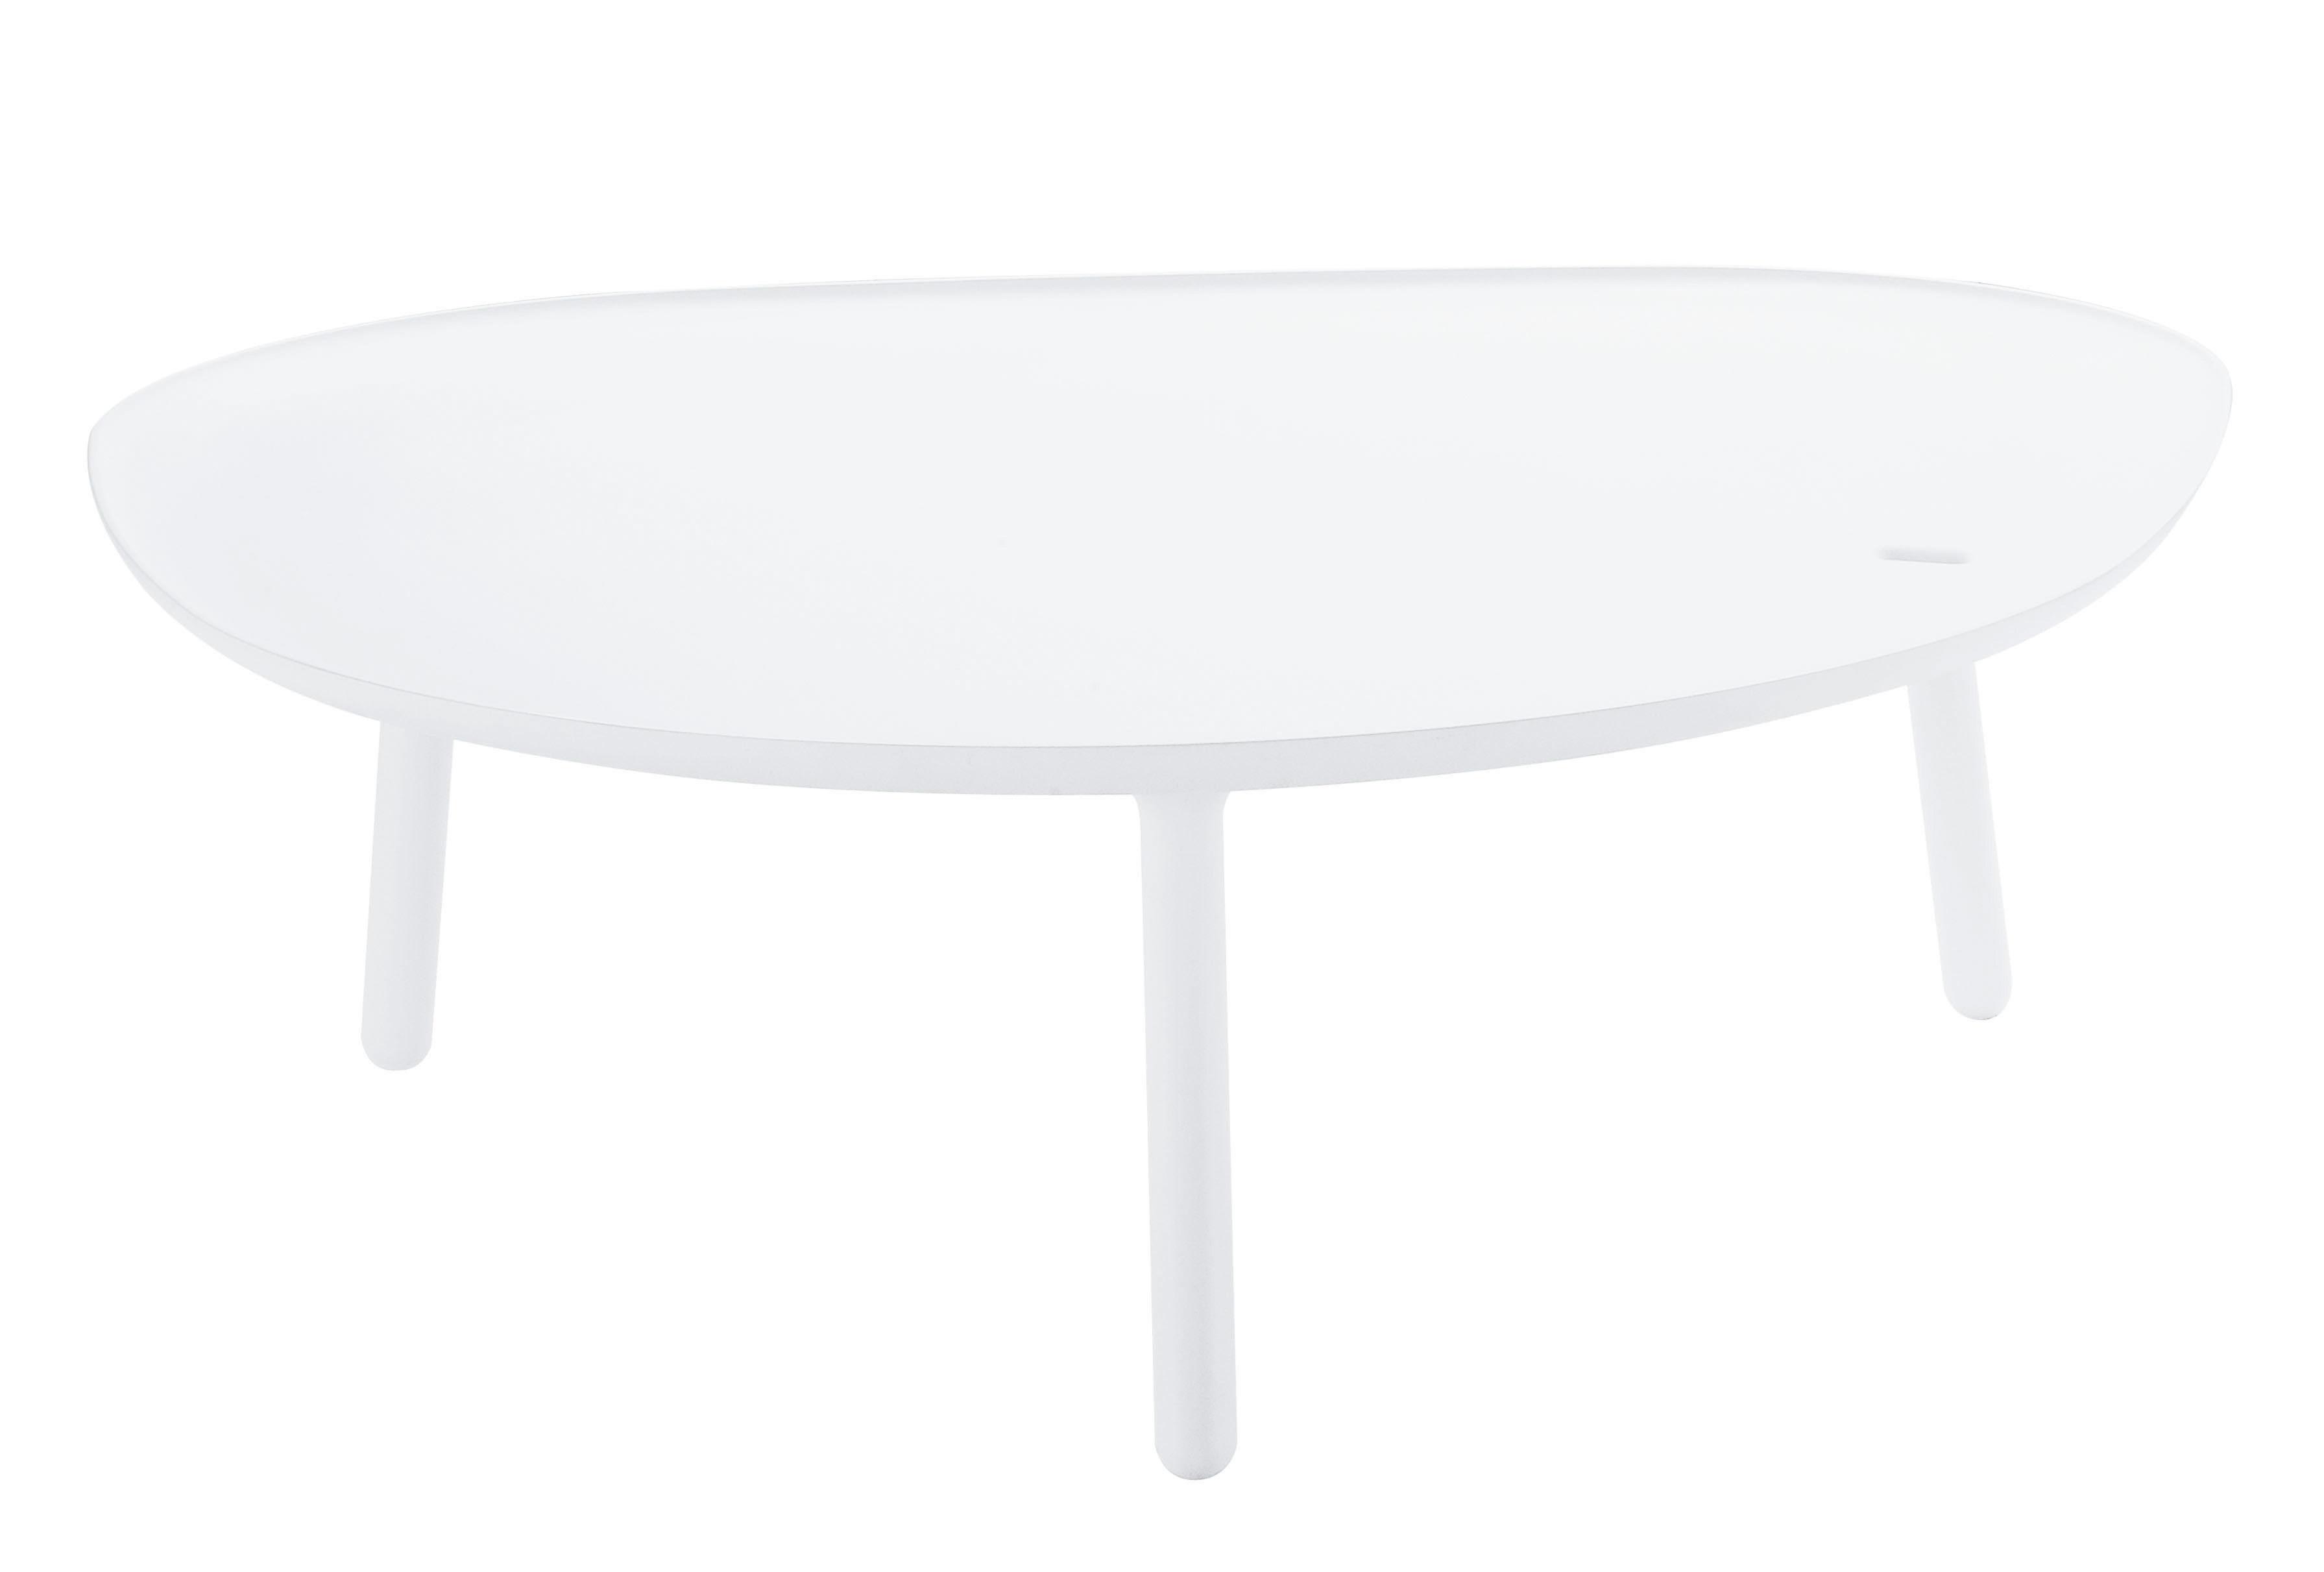 Möbel - Couchtische - Ninfea Couchtisch - Zanotta - Weiß matt - Plastikmaterial